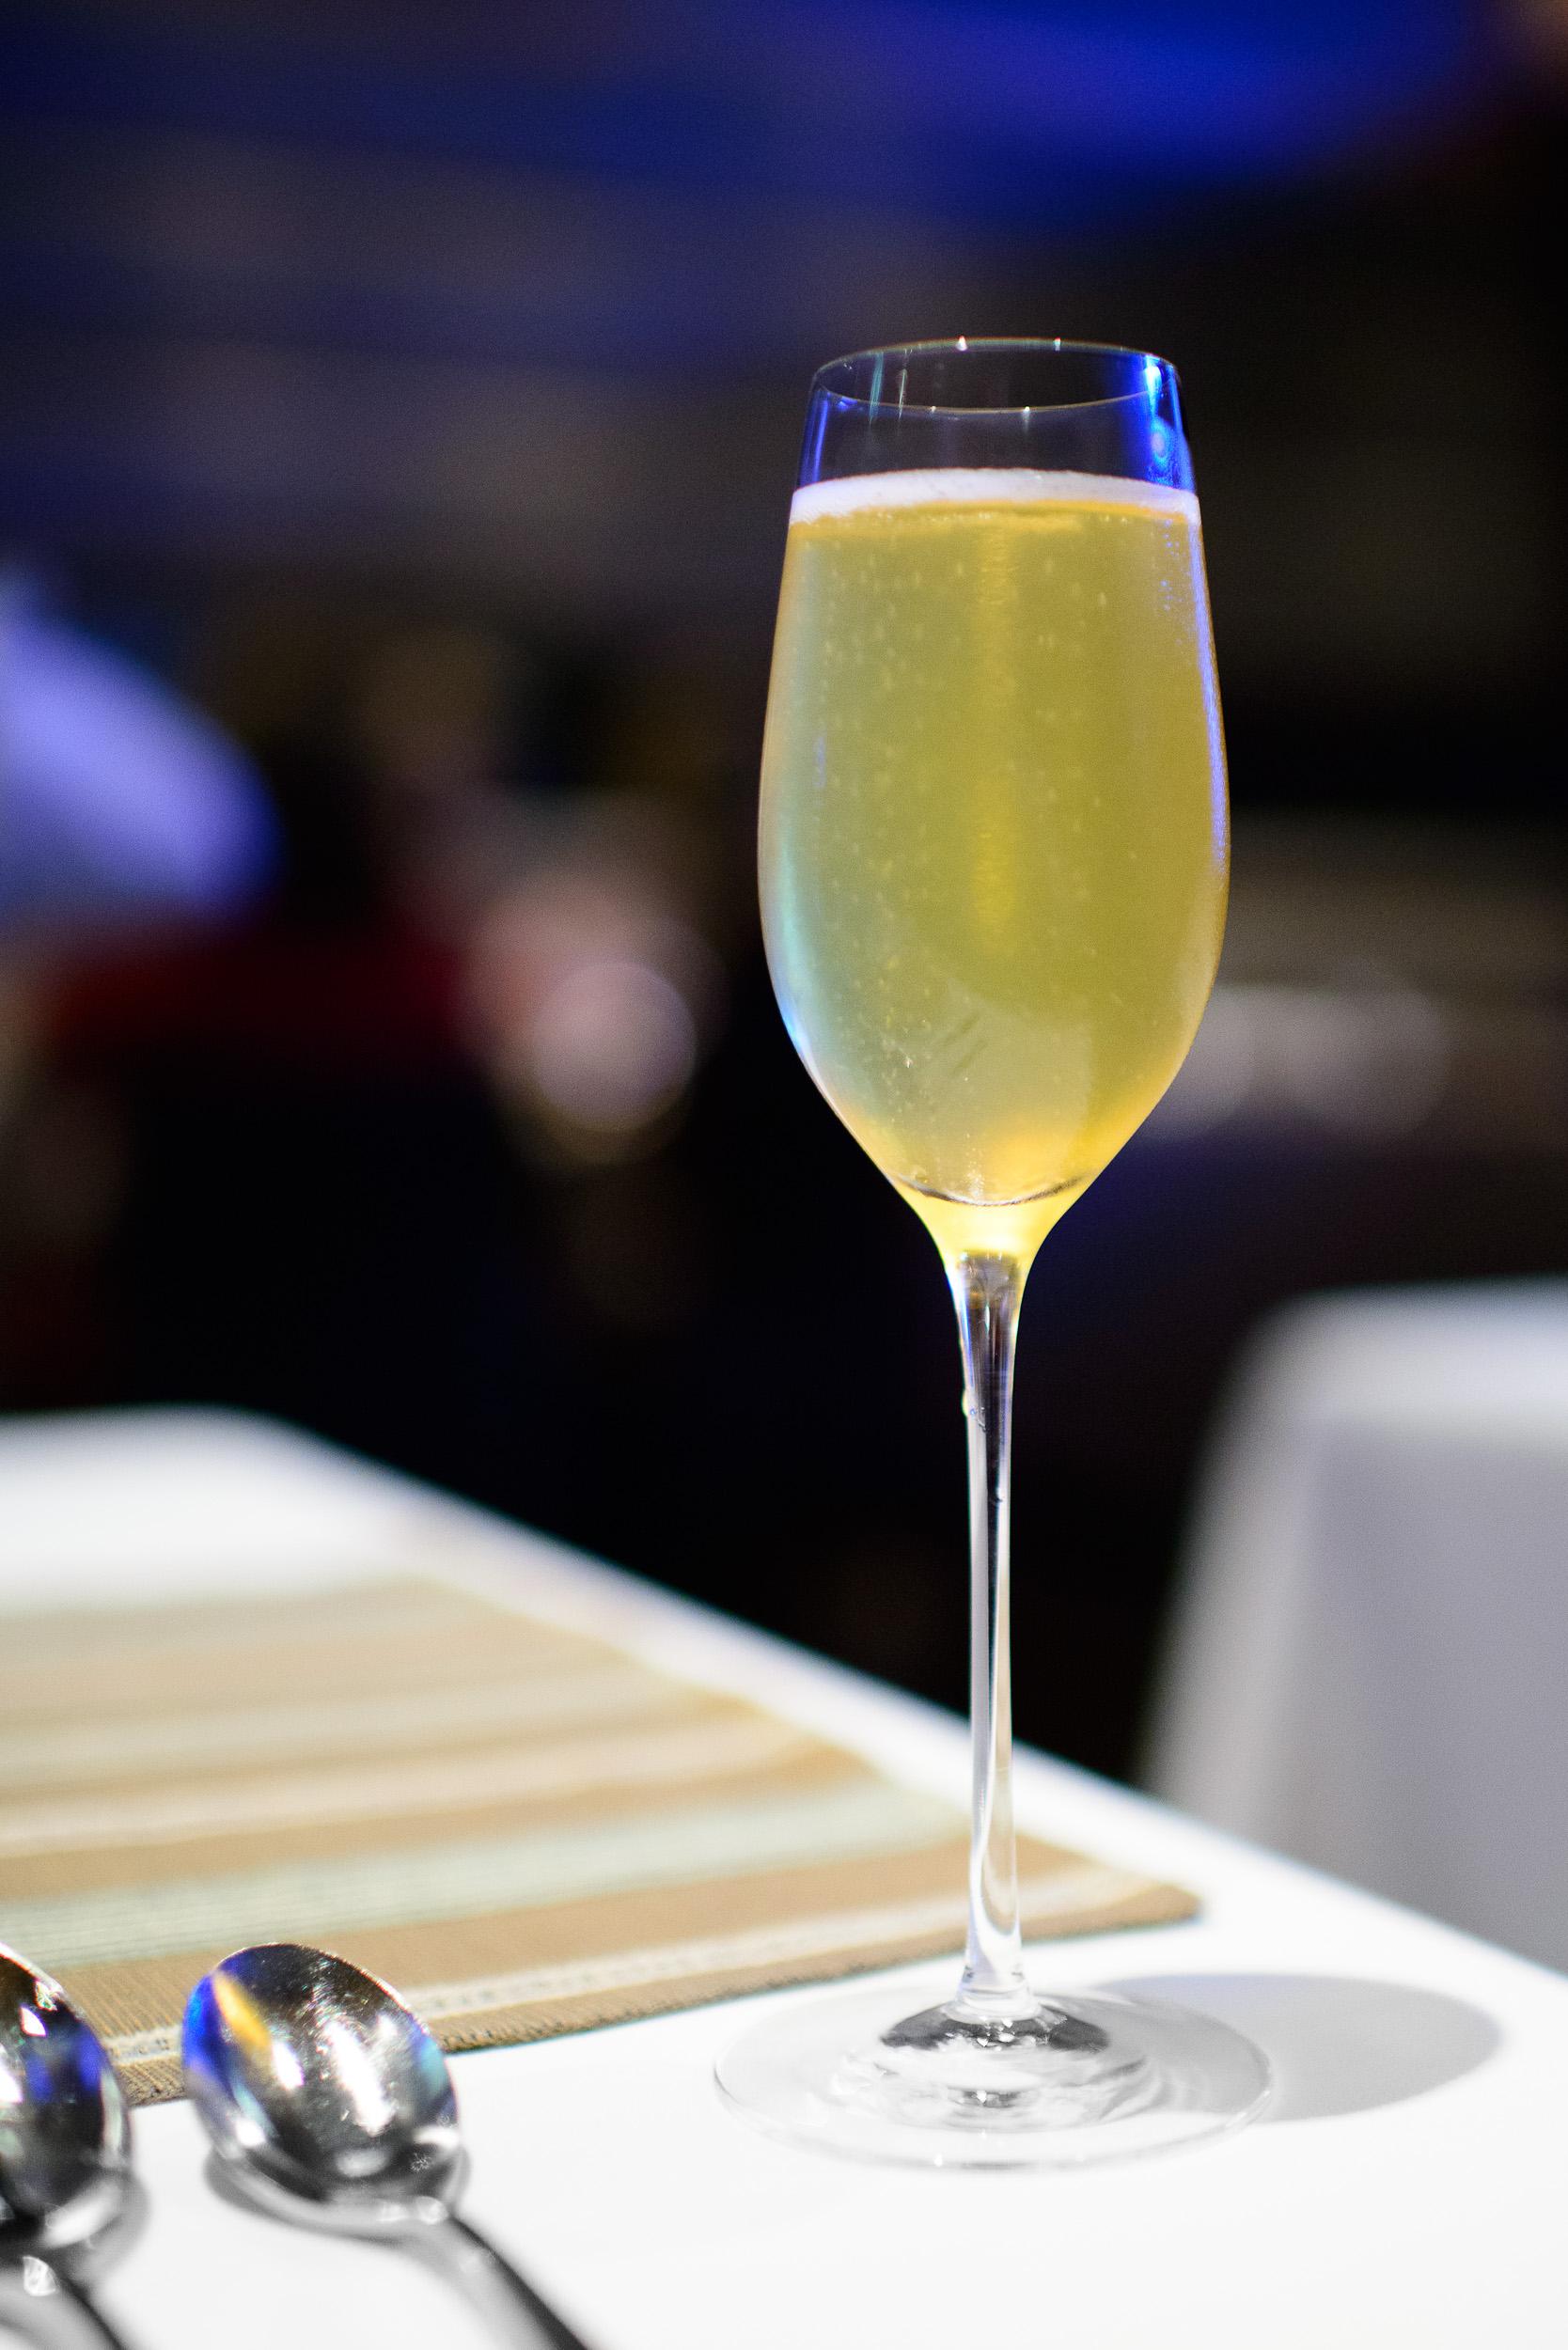 Zardetto prosecco apertivo with taverna amaro and chamomile